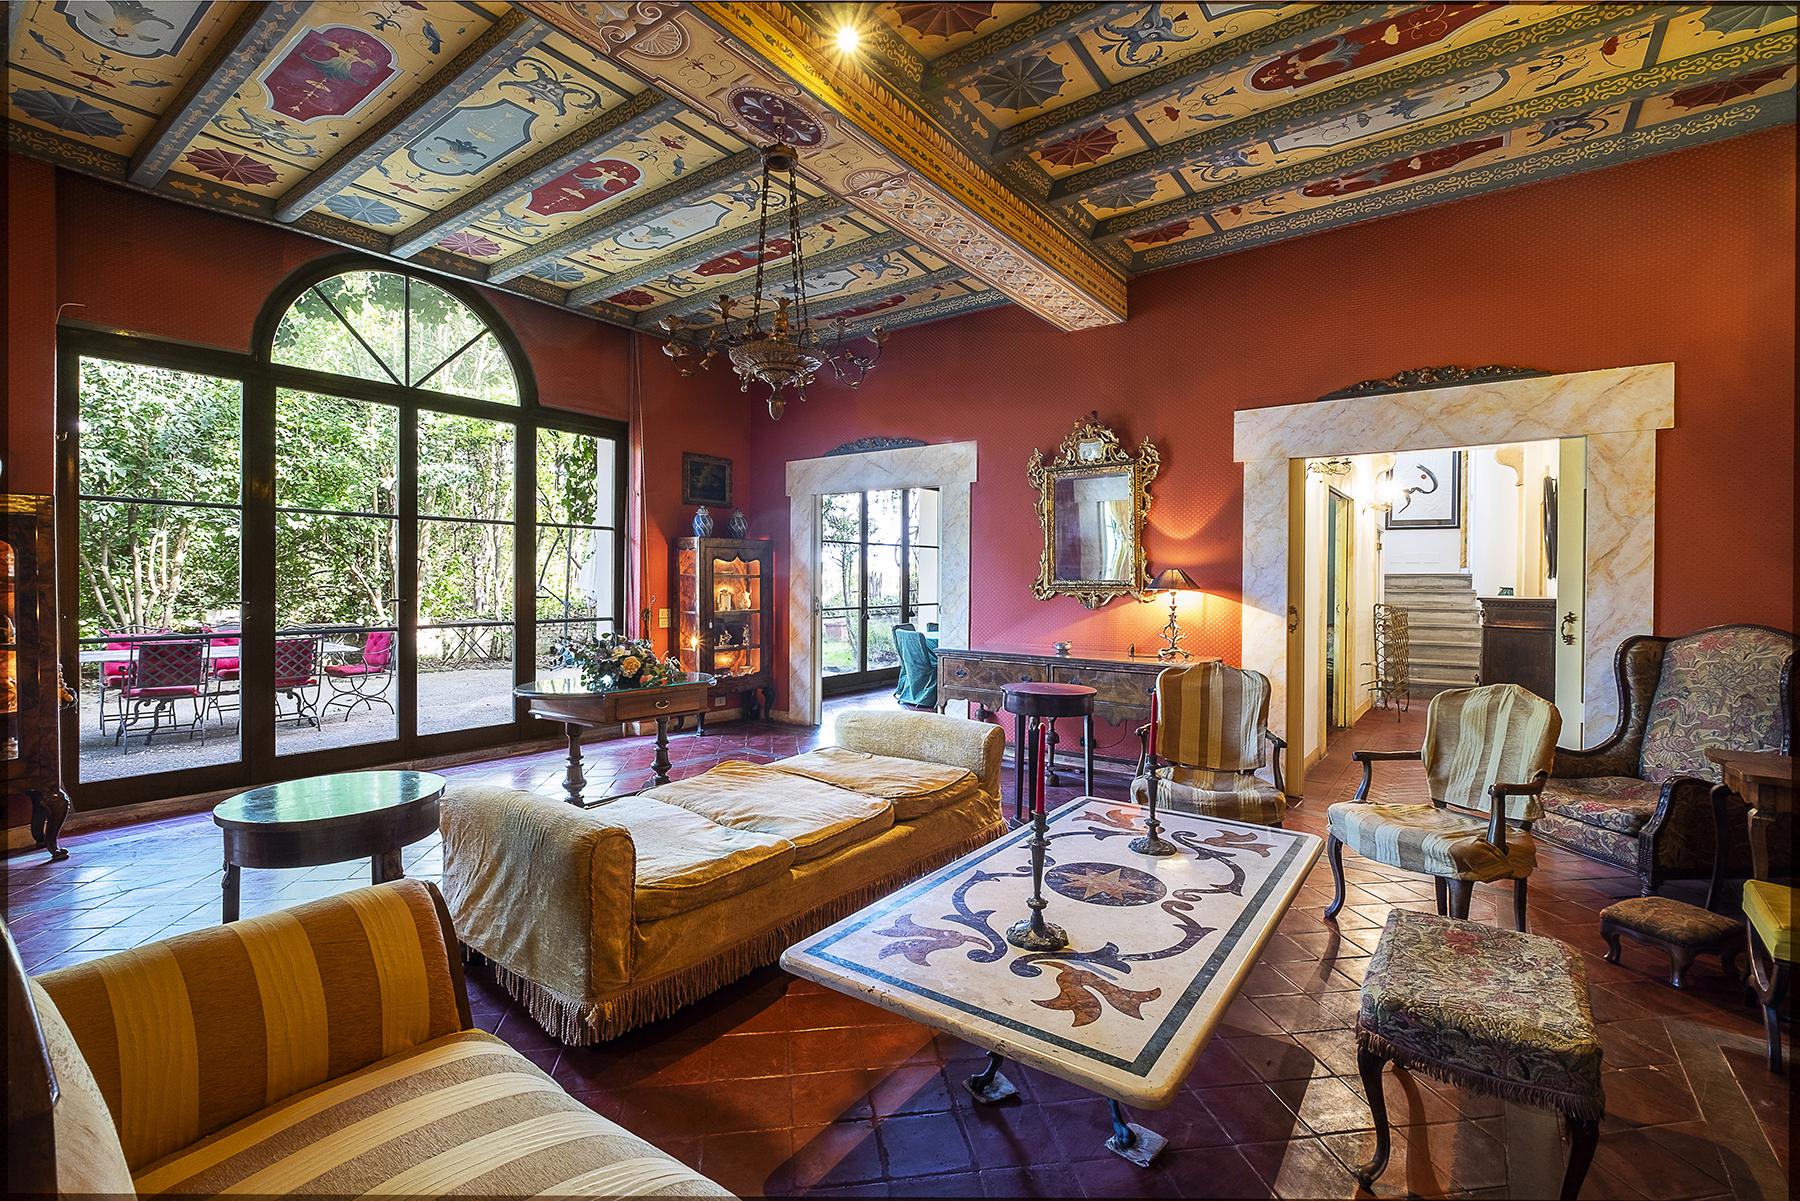 Villa in Affitto a Roma 28 Trastevere / Testaccio: 5 locali, 180 mq